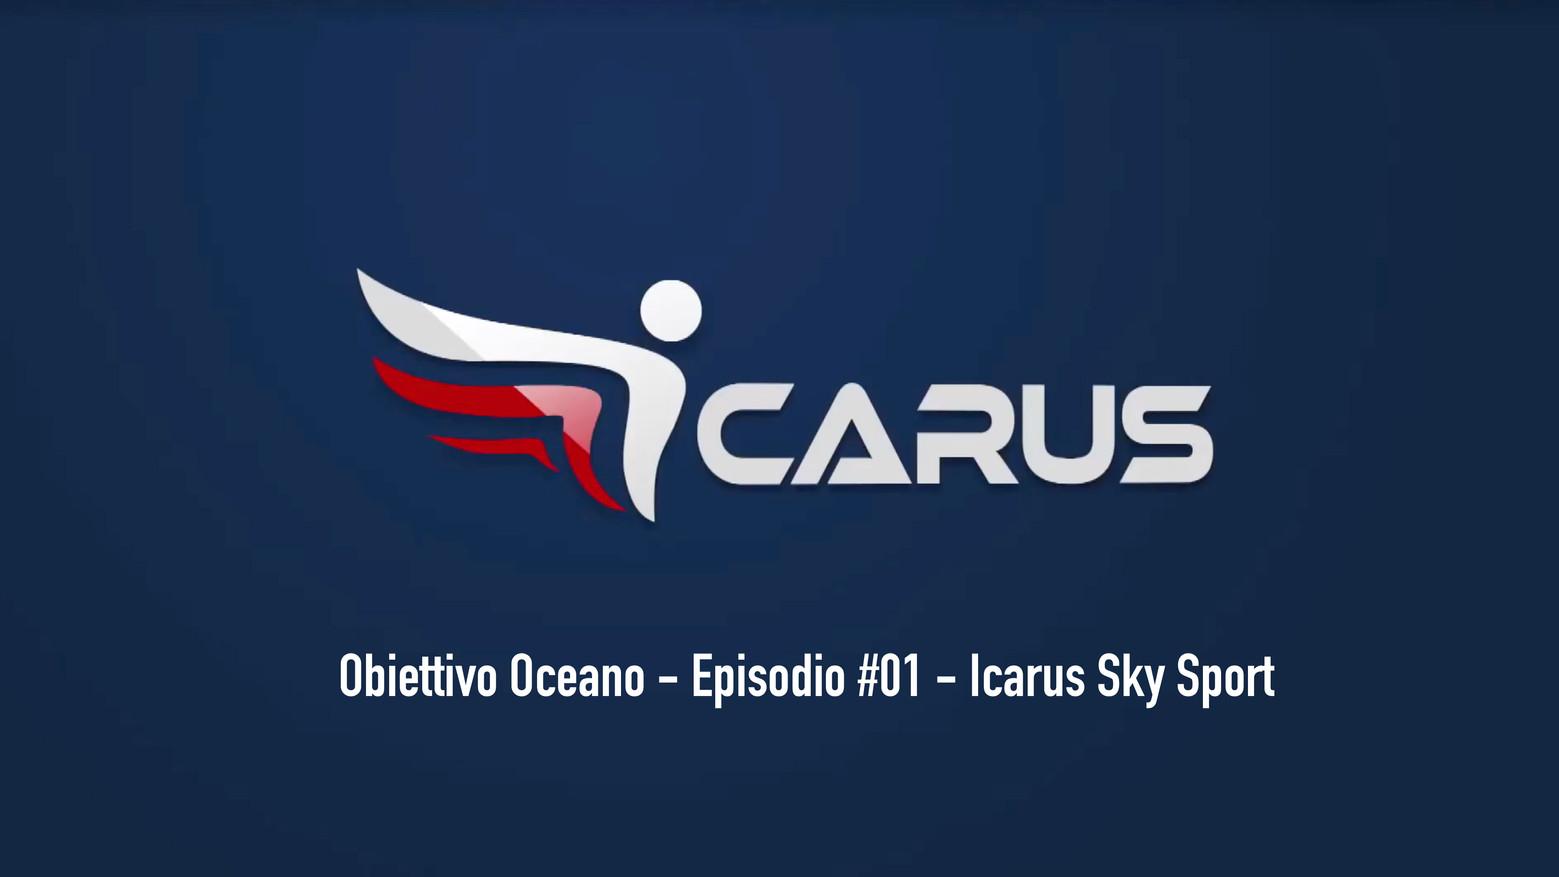 Obiettivo Oceano - Episodio #01 - Icarus Sky Sport